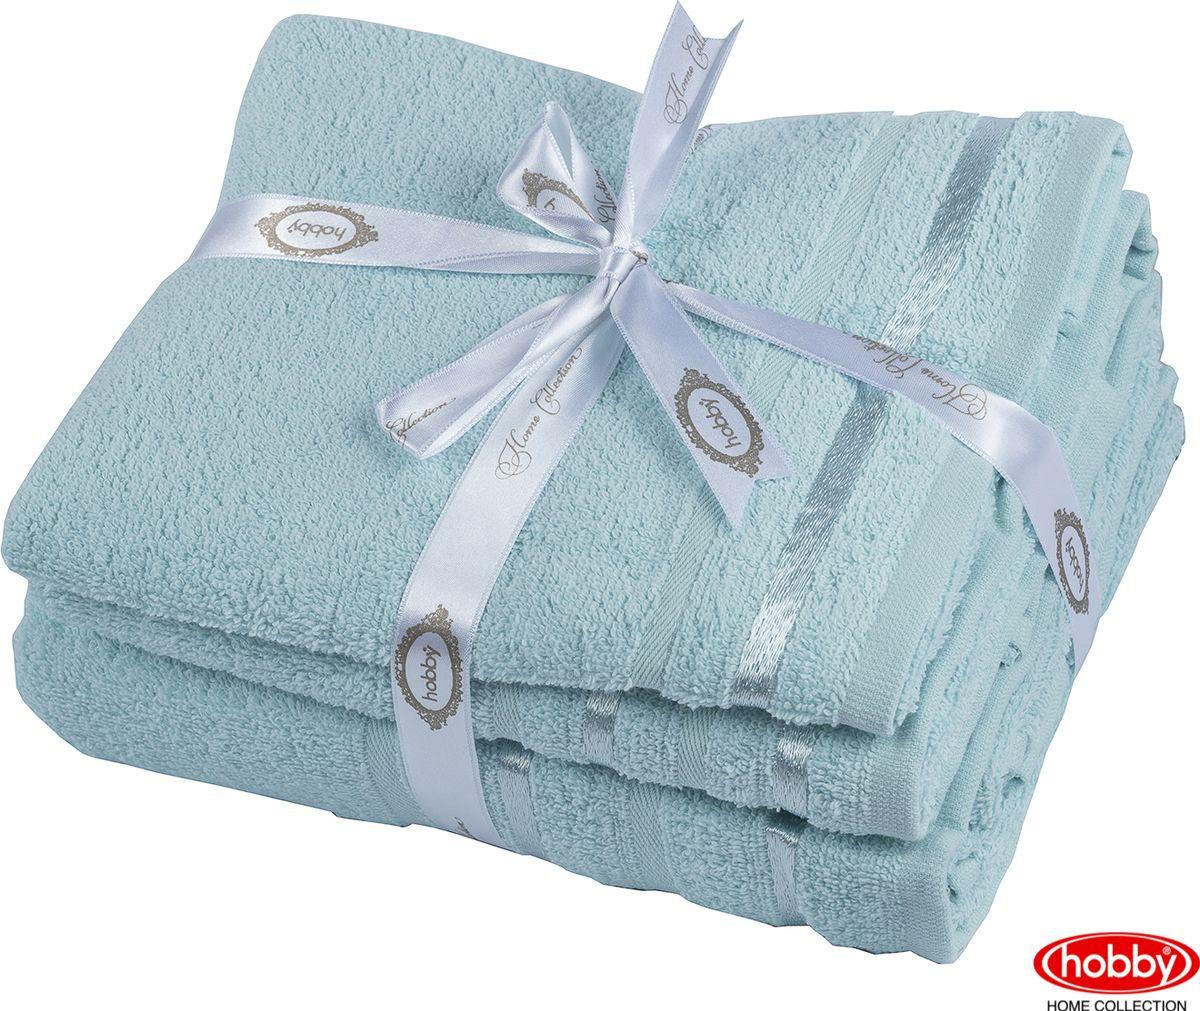 Набор банных полотенец Hobby Home Collection Nisa 2000000162, бирюзовый, 3 шт